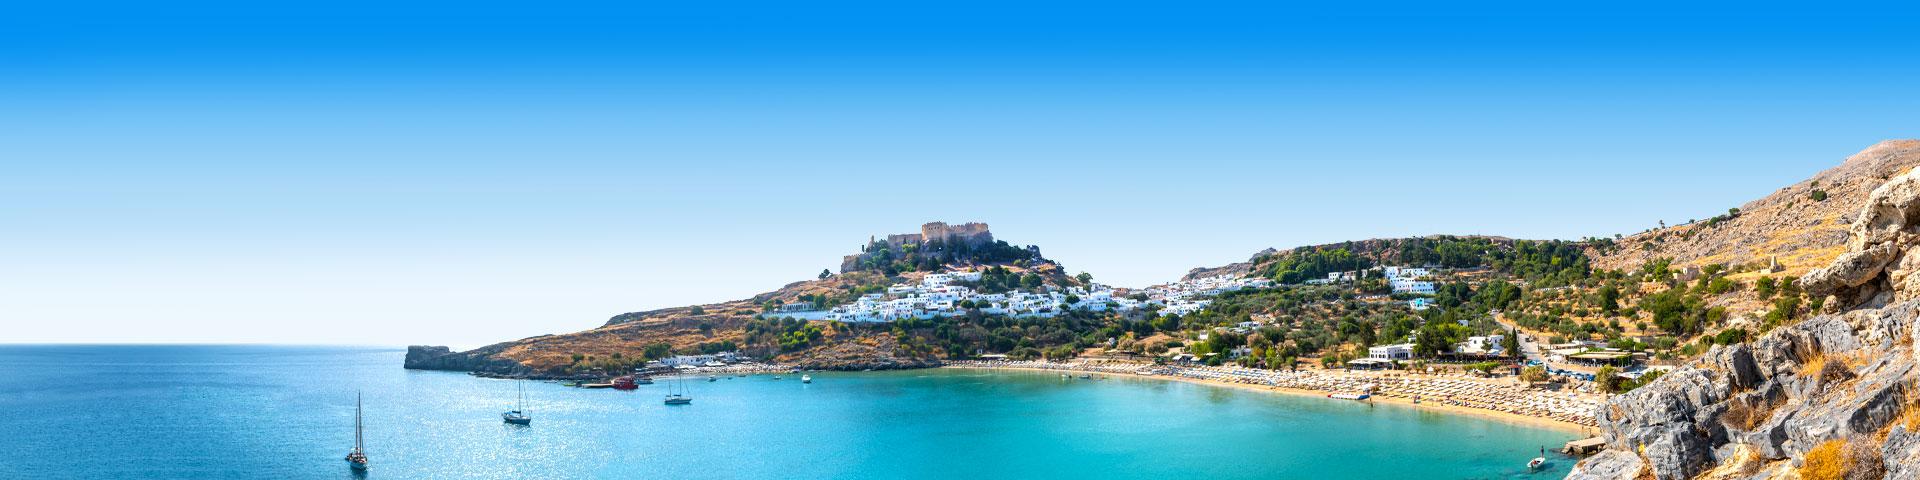 Een berg en blauw zeewater met bootjes tijdens de paasvakantie Rhodos